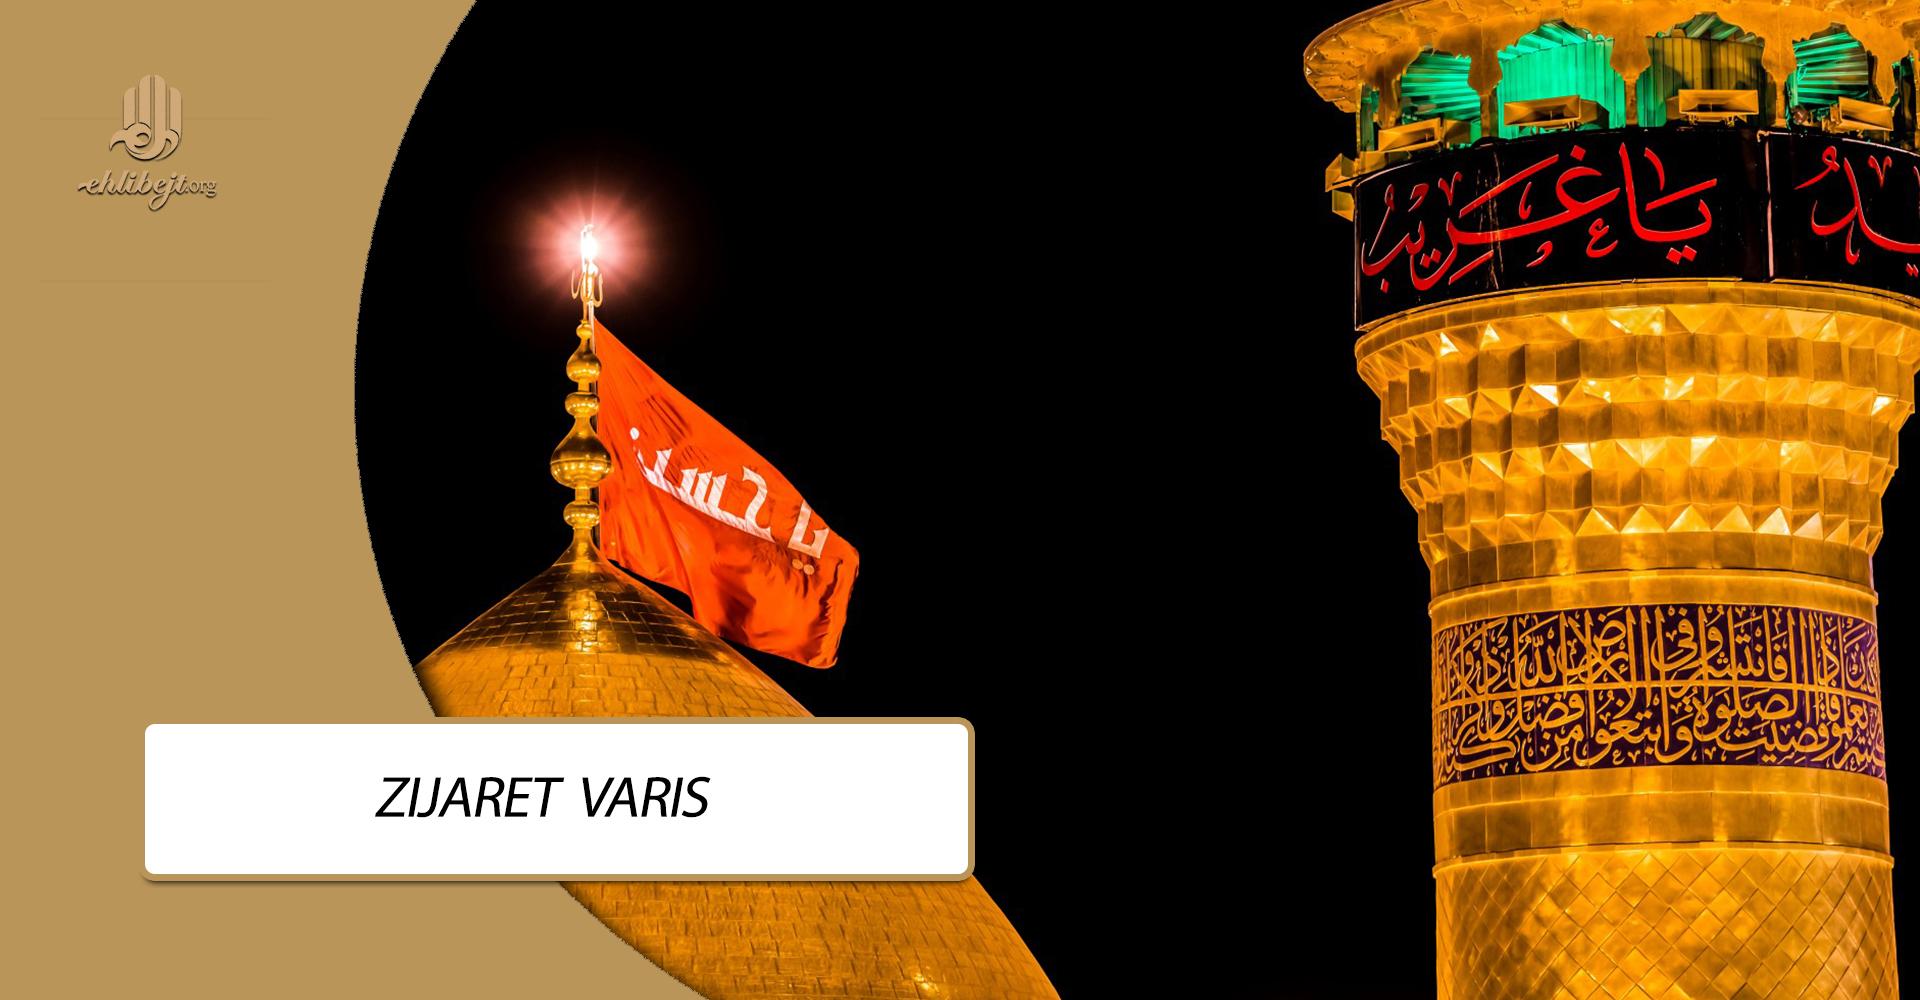 Zijaret Varis